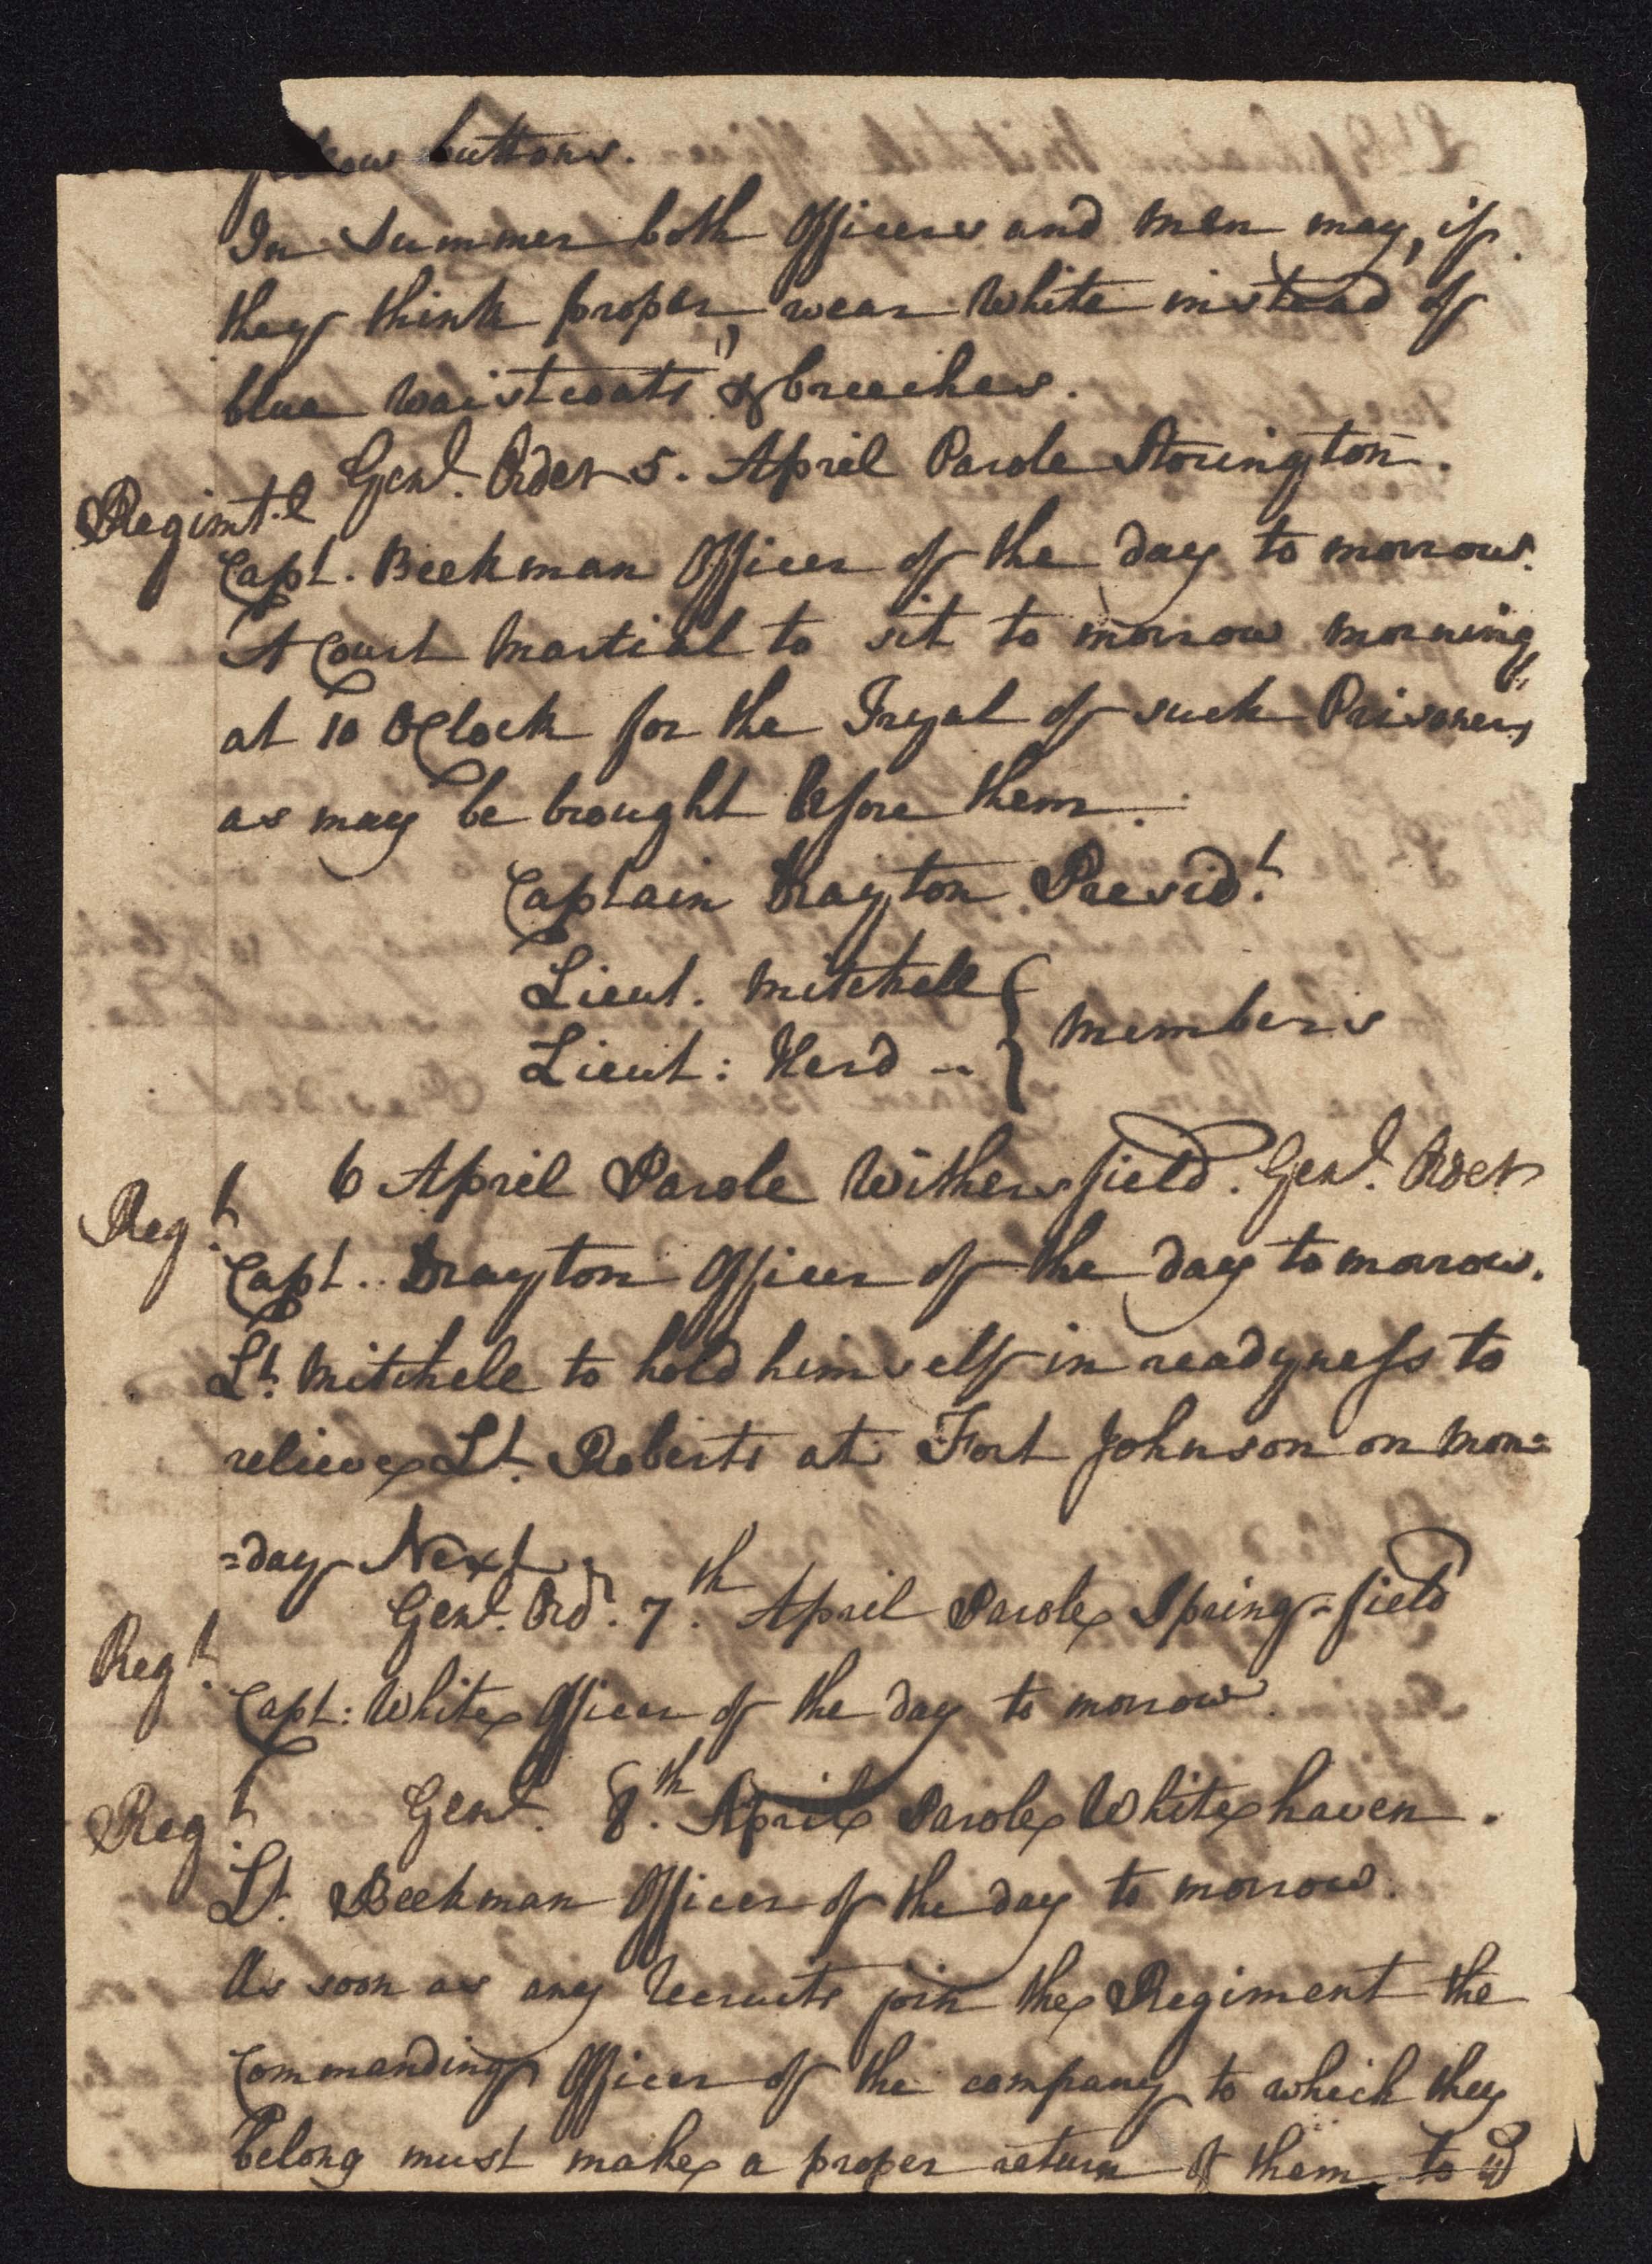 South Carolina Regiment Order Book, Page 92